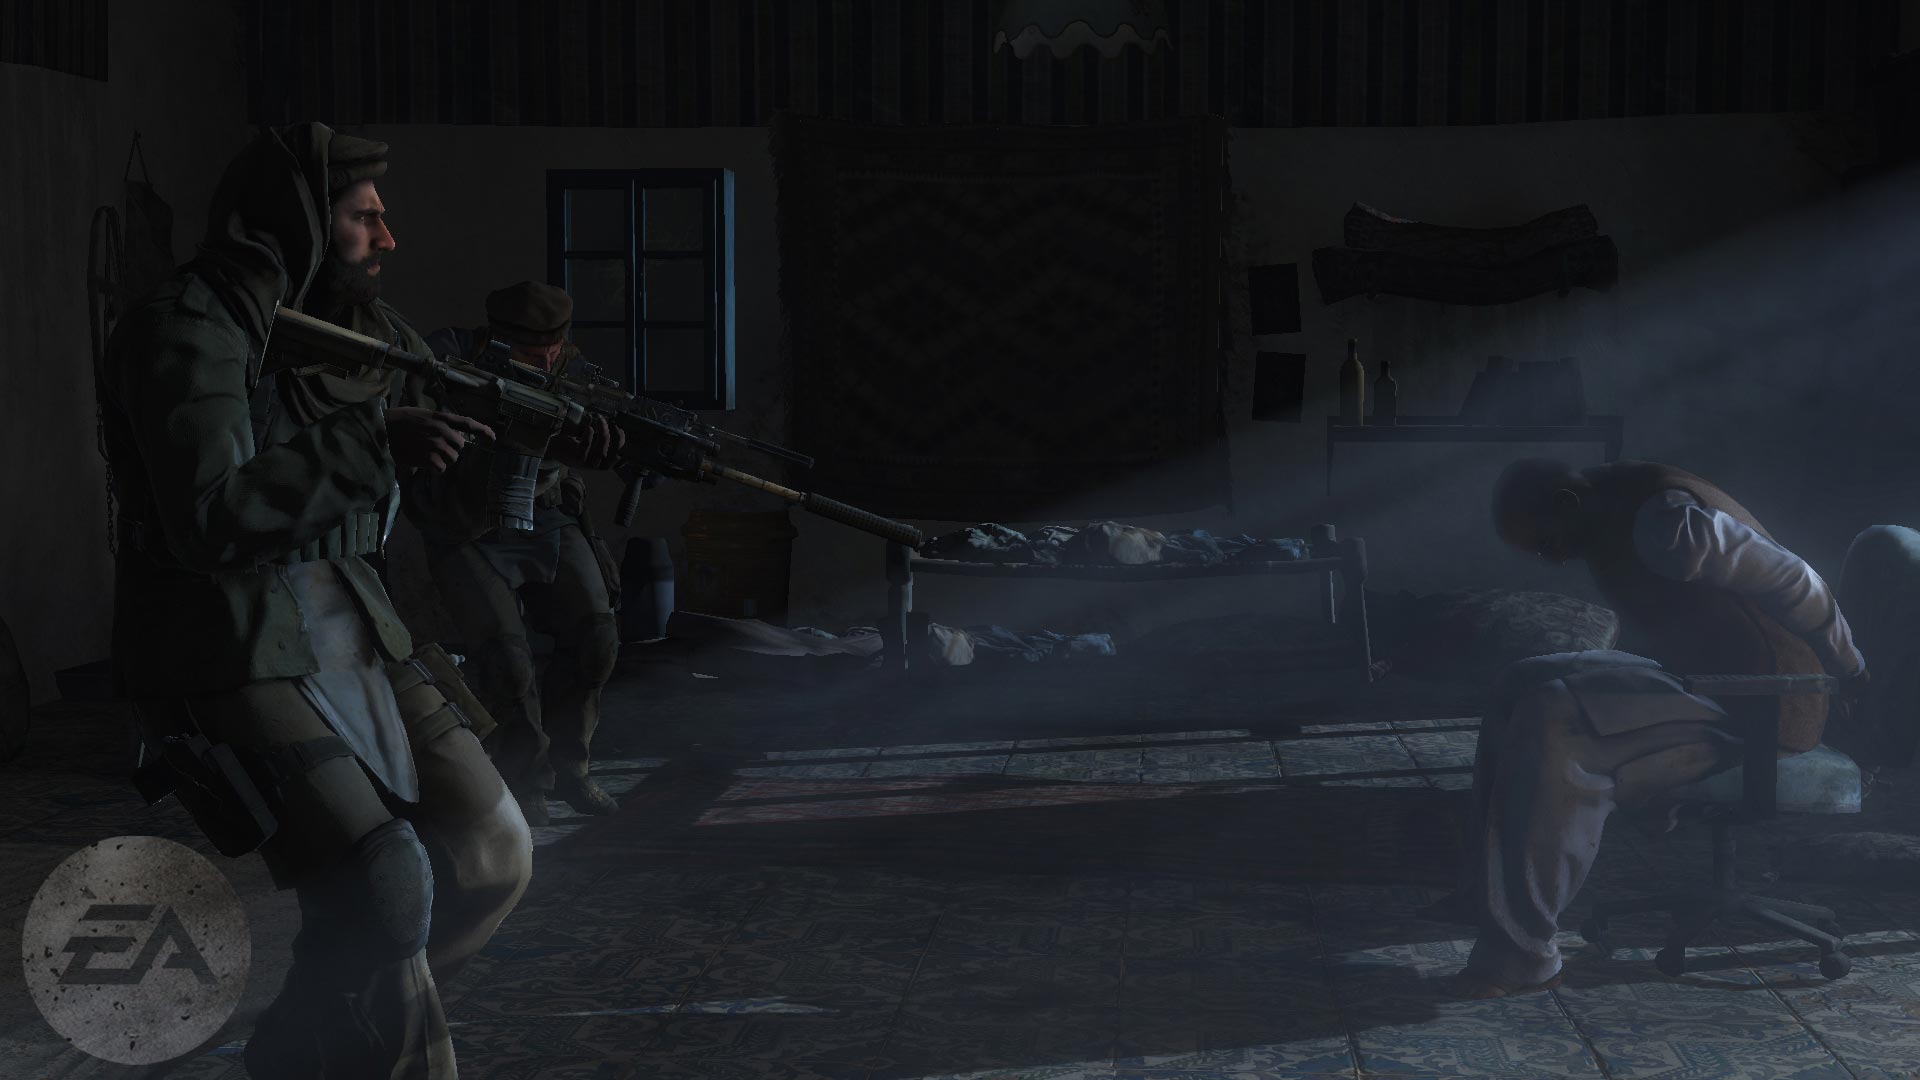 IGN y la vista previa de Medal of Honor Multiplayer [Nada nuevo bajo el sol...]